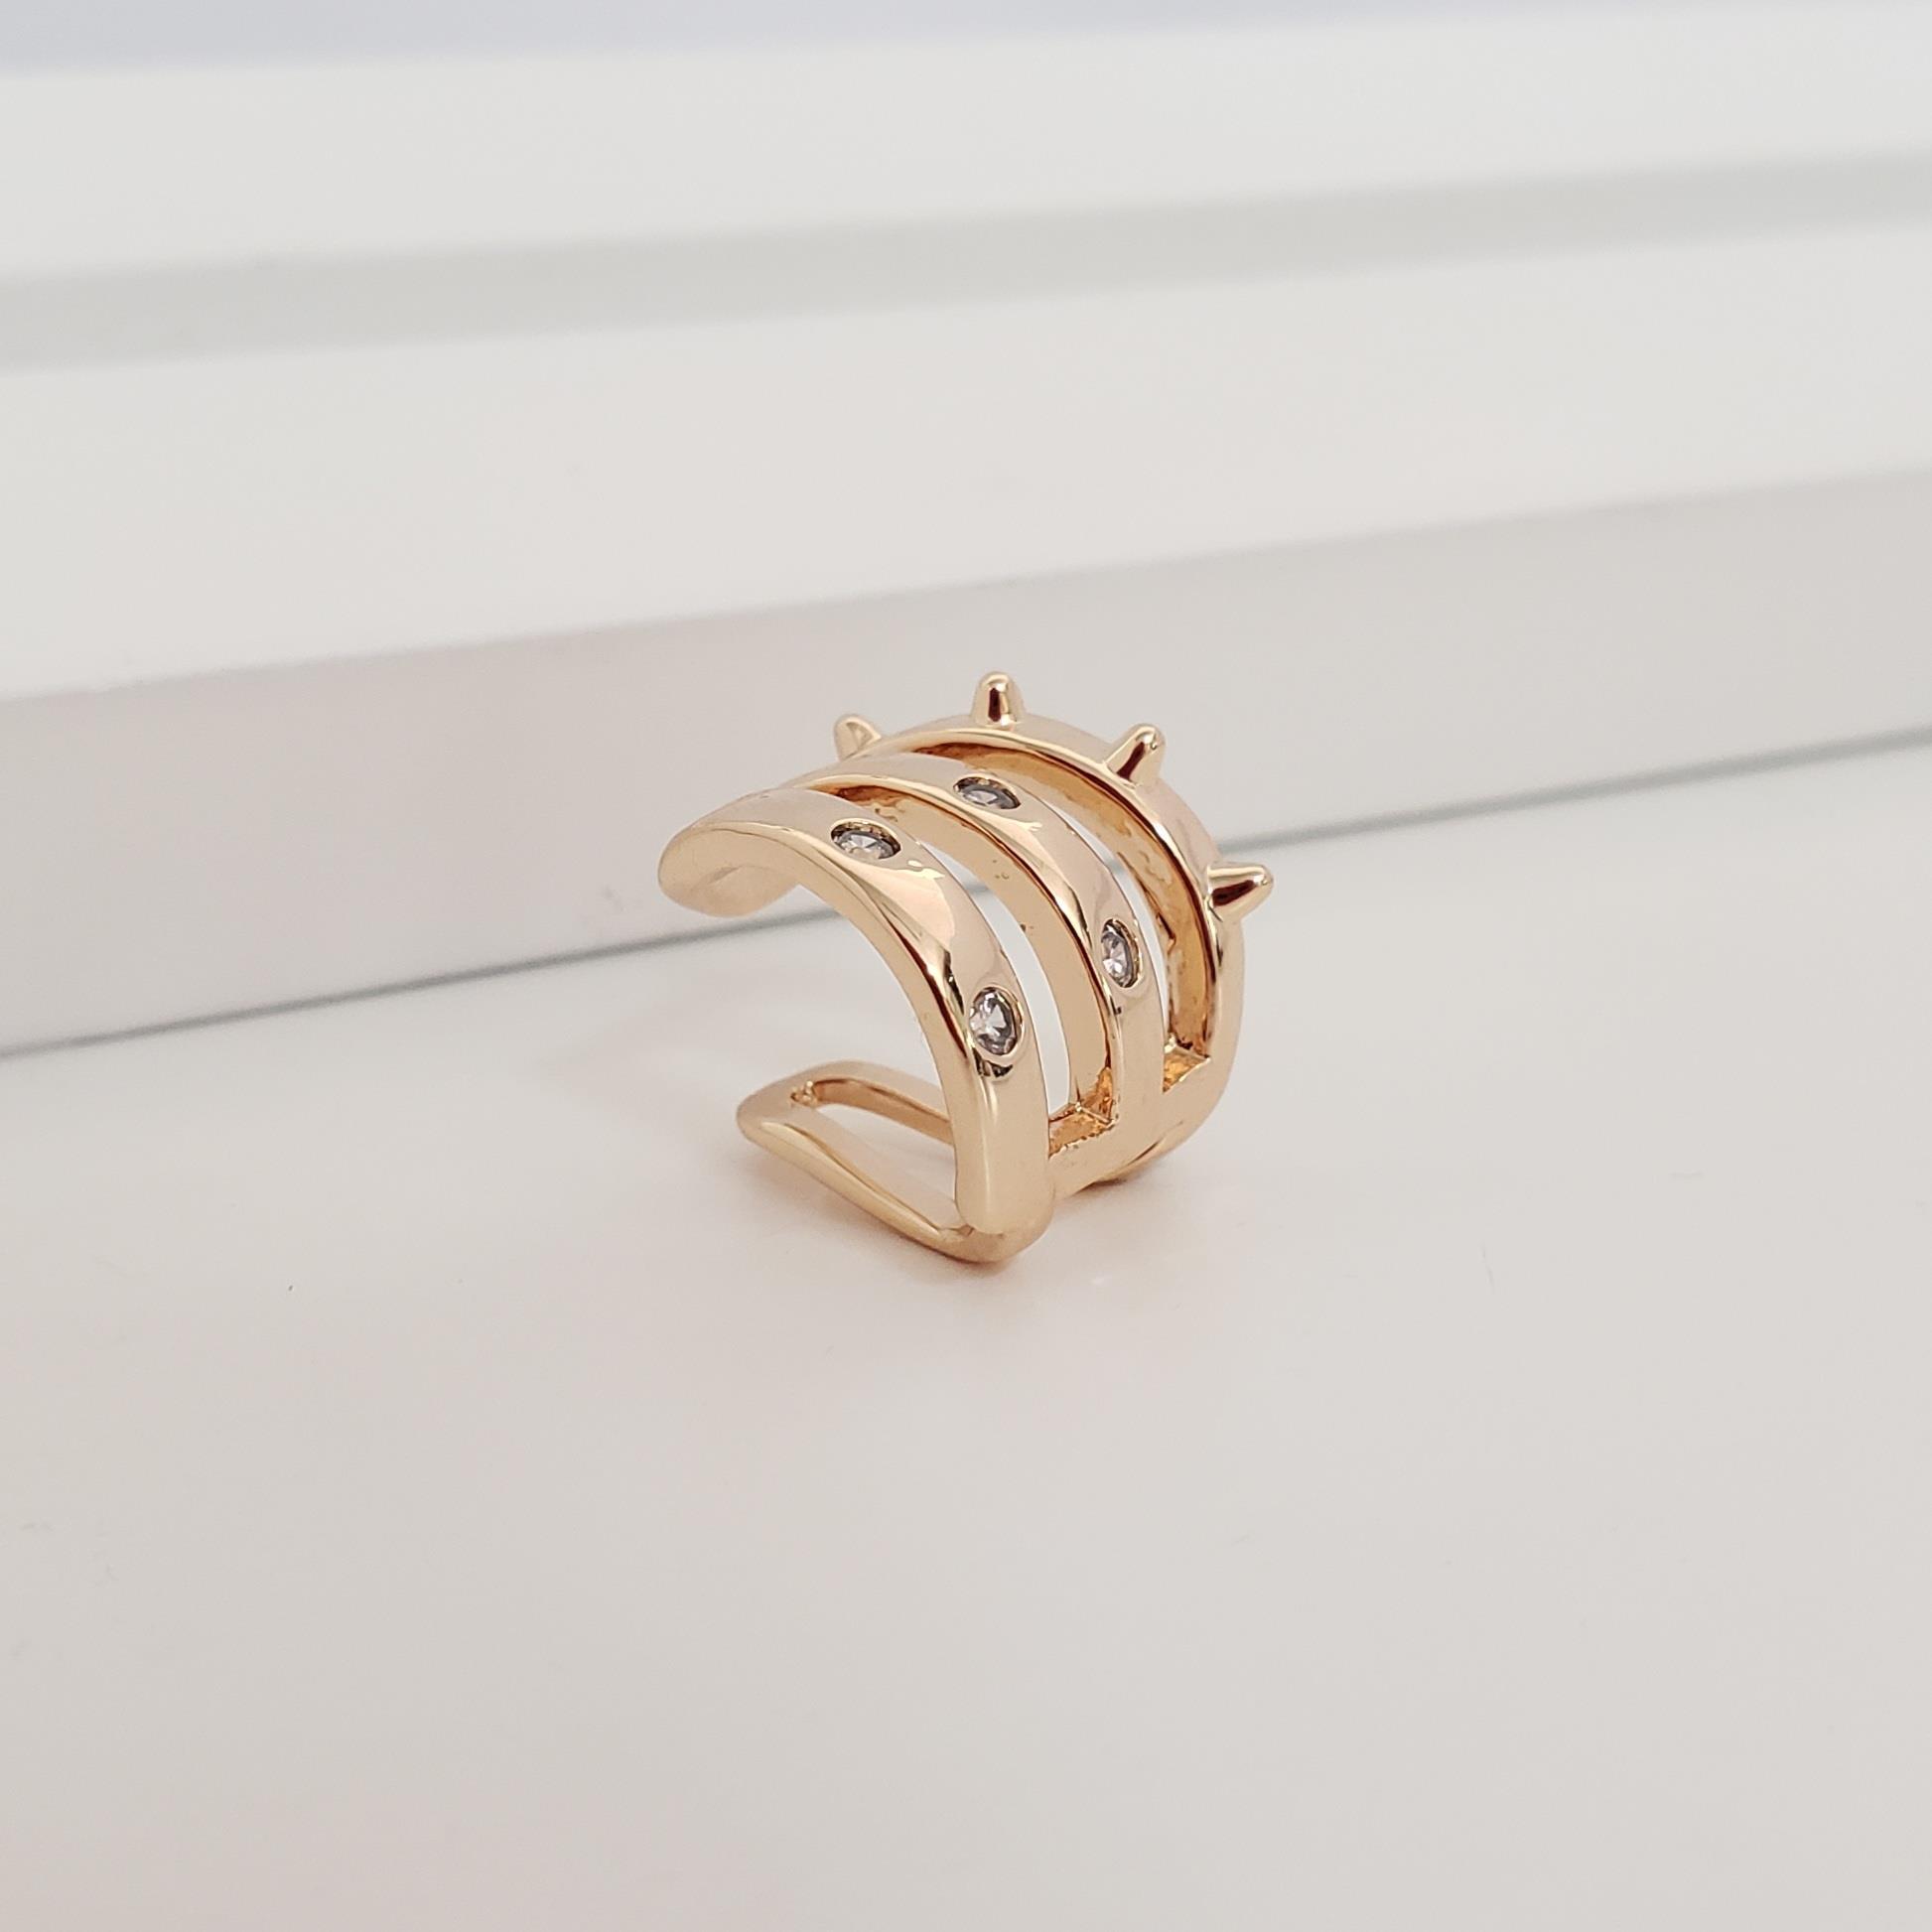 Piercing Filetes Espaçados Zircônia e Spike no Banho Ouro 18k Semijoia